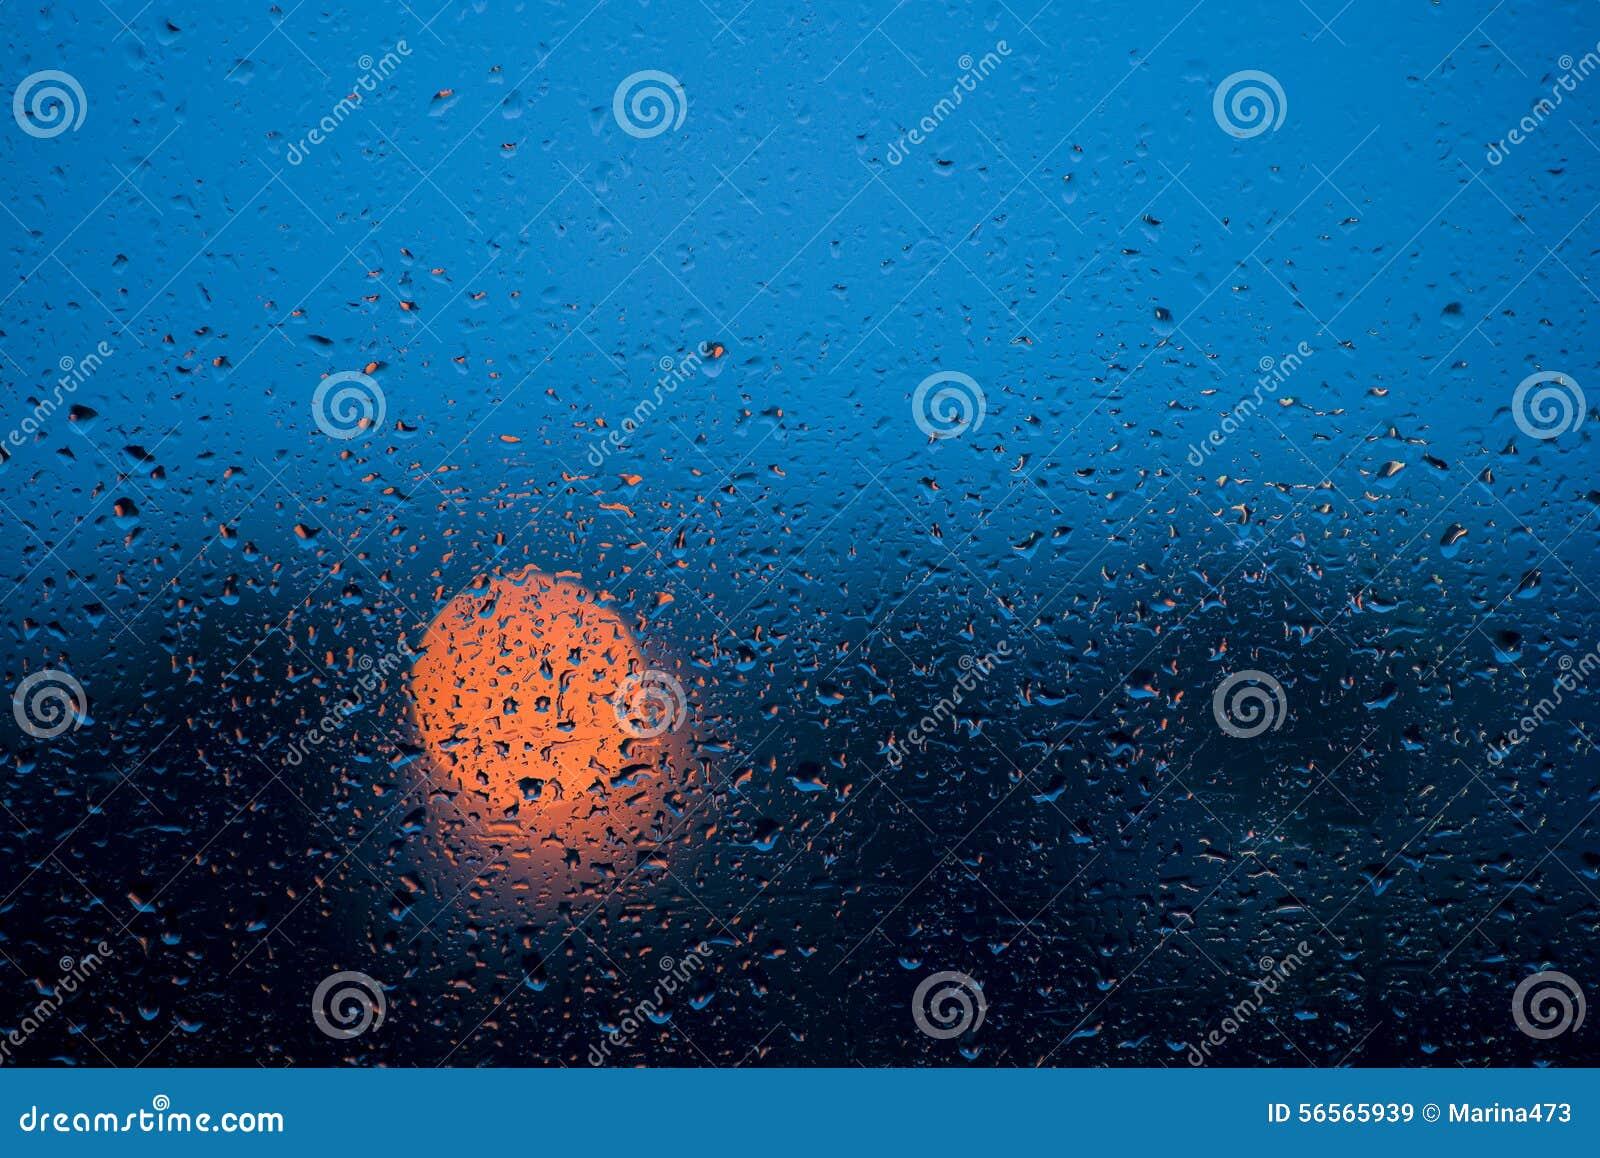 Download Σταγόνες βροχής στο γυαλί παραθύρων στη βροχερή νύχτα Στοκ Εικόνα - εικόνα από απελευθερώσεις, διαφήμιση: 56565939